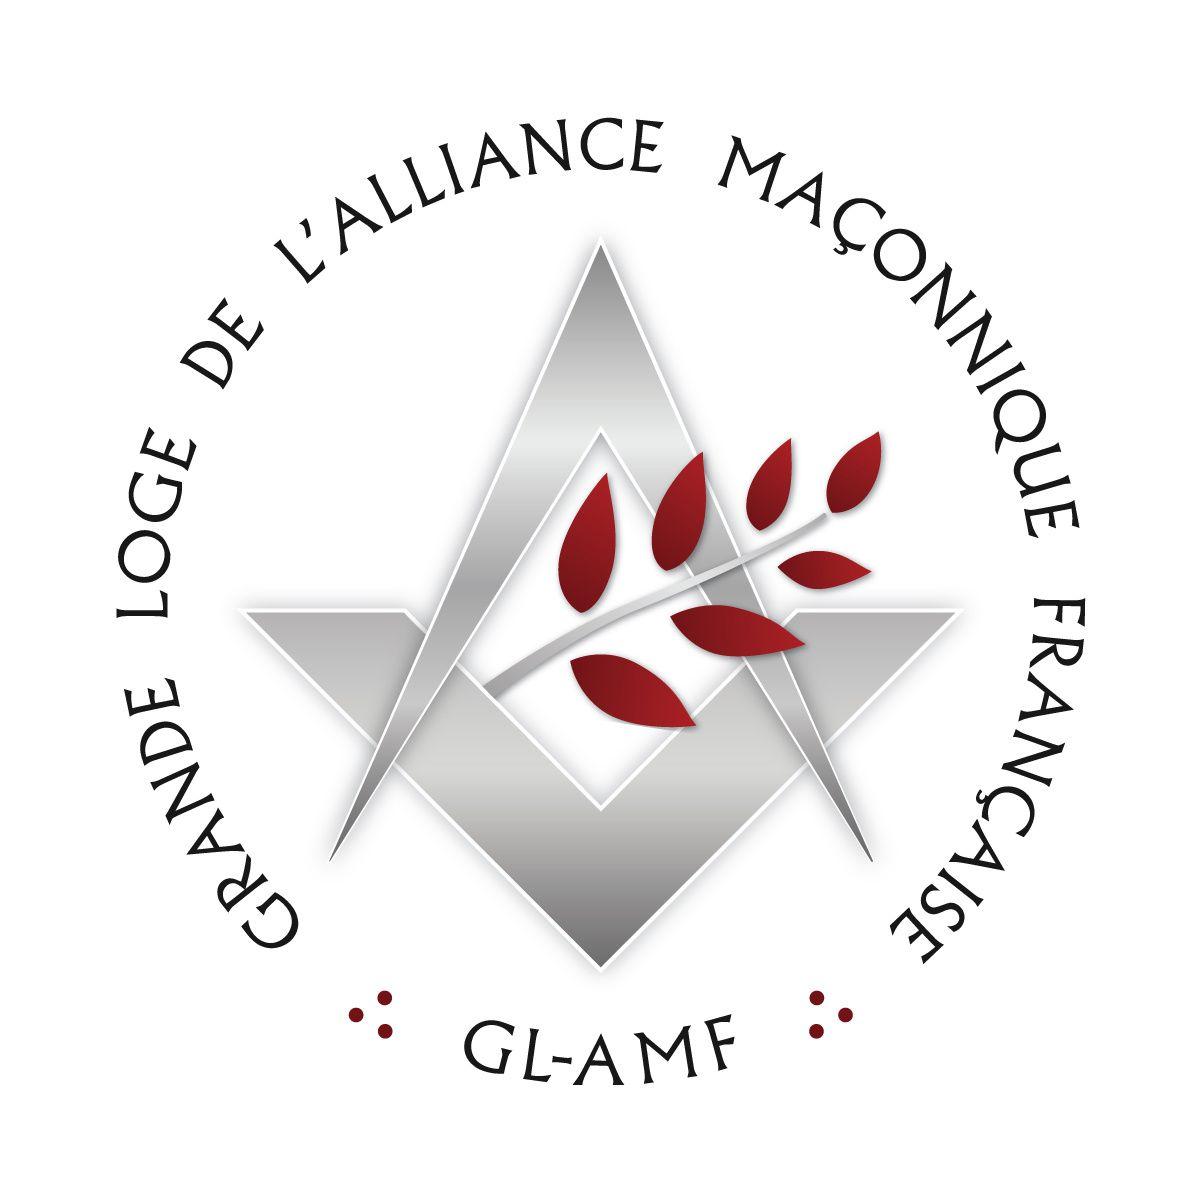 GLAMF : Retour au calme après quelques tensions.